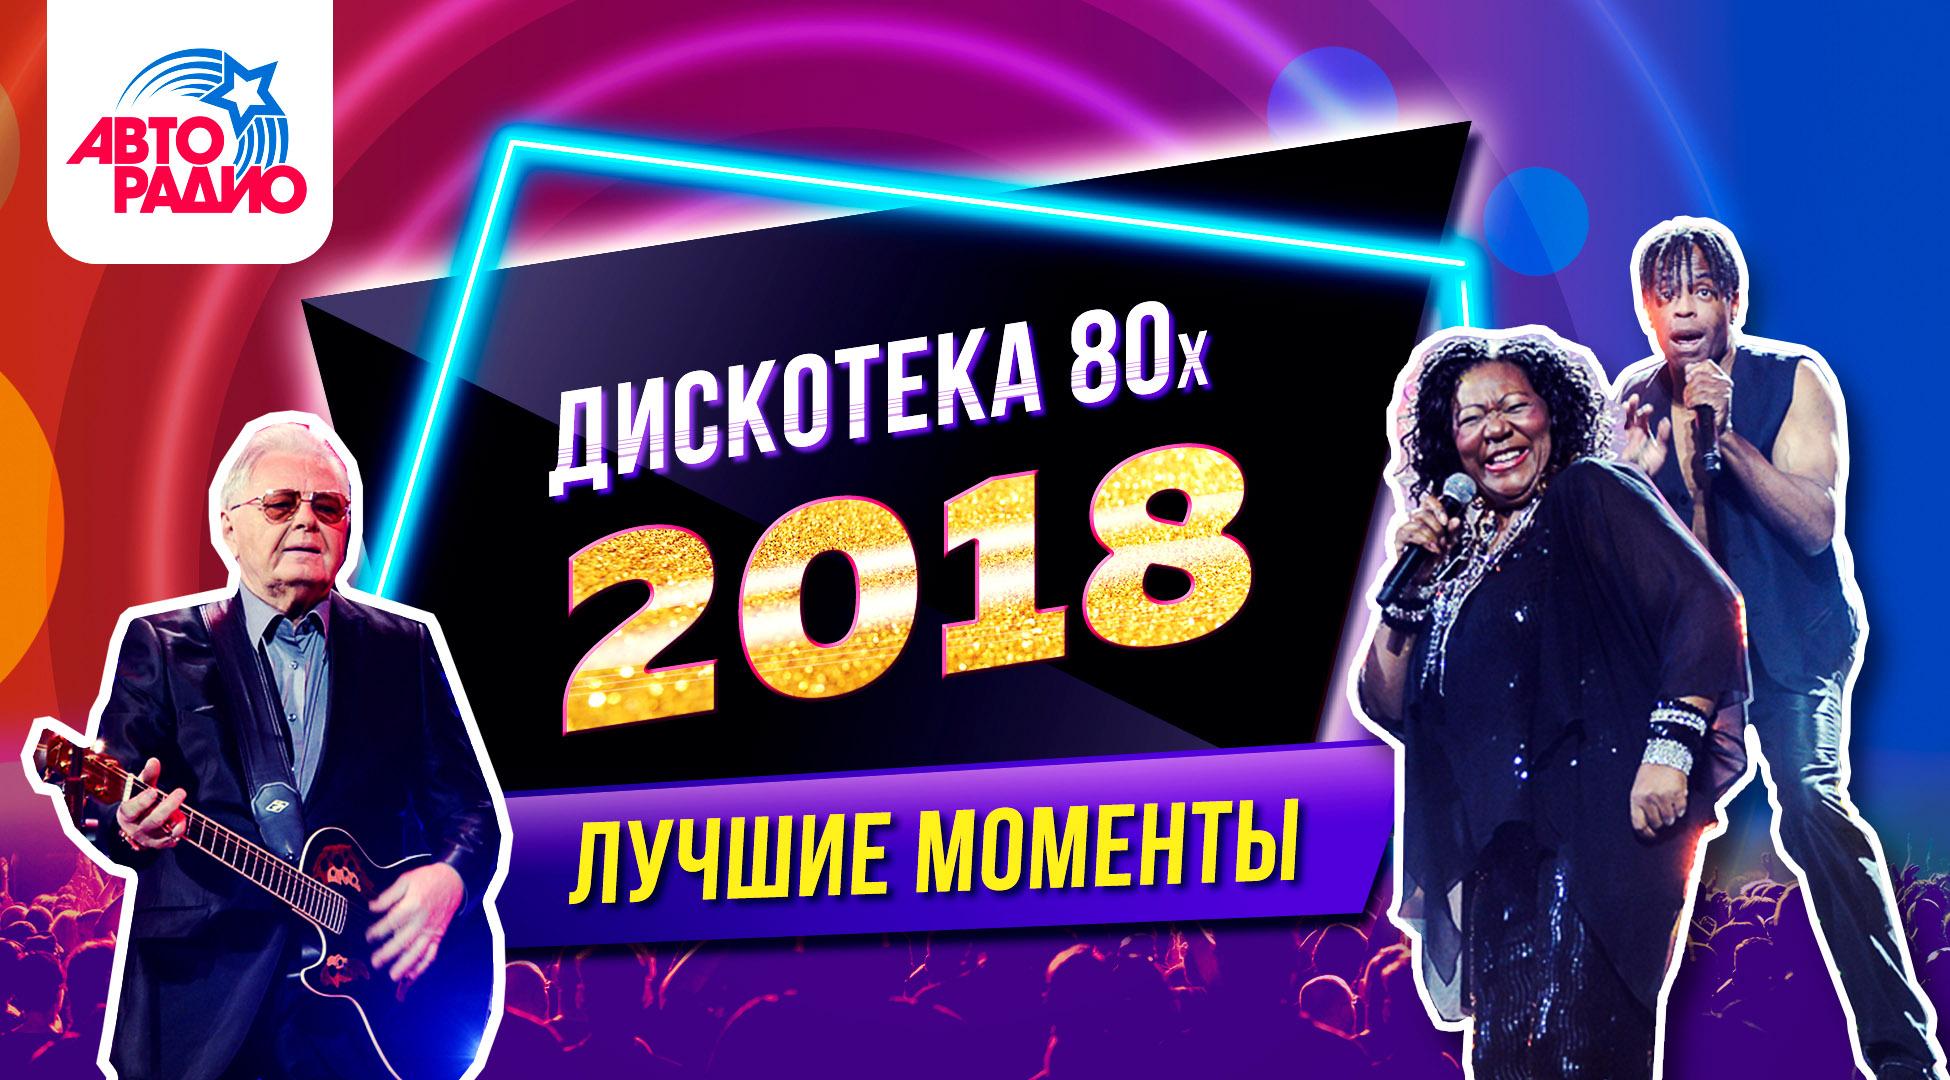 Дискотека 80-х 2018. Лучшие моменты фестиваля Авторадио